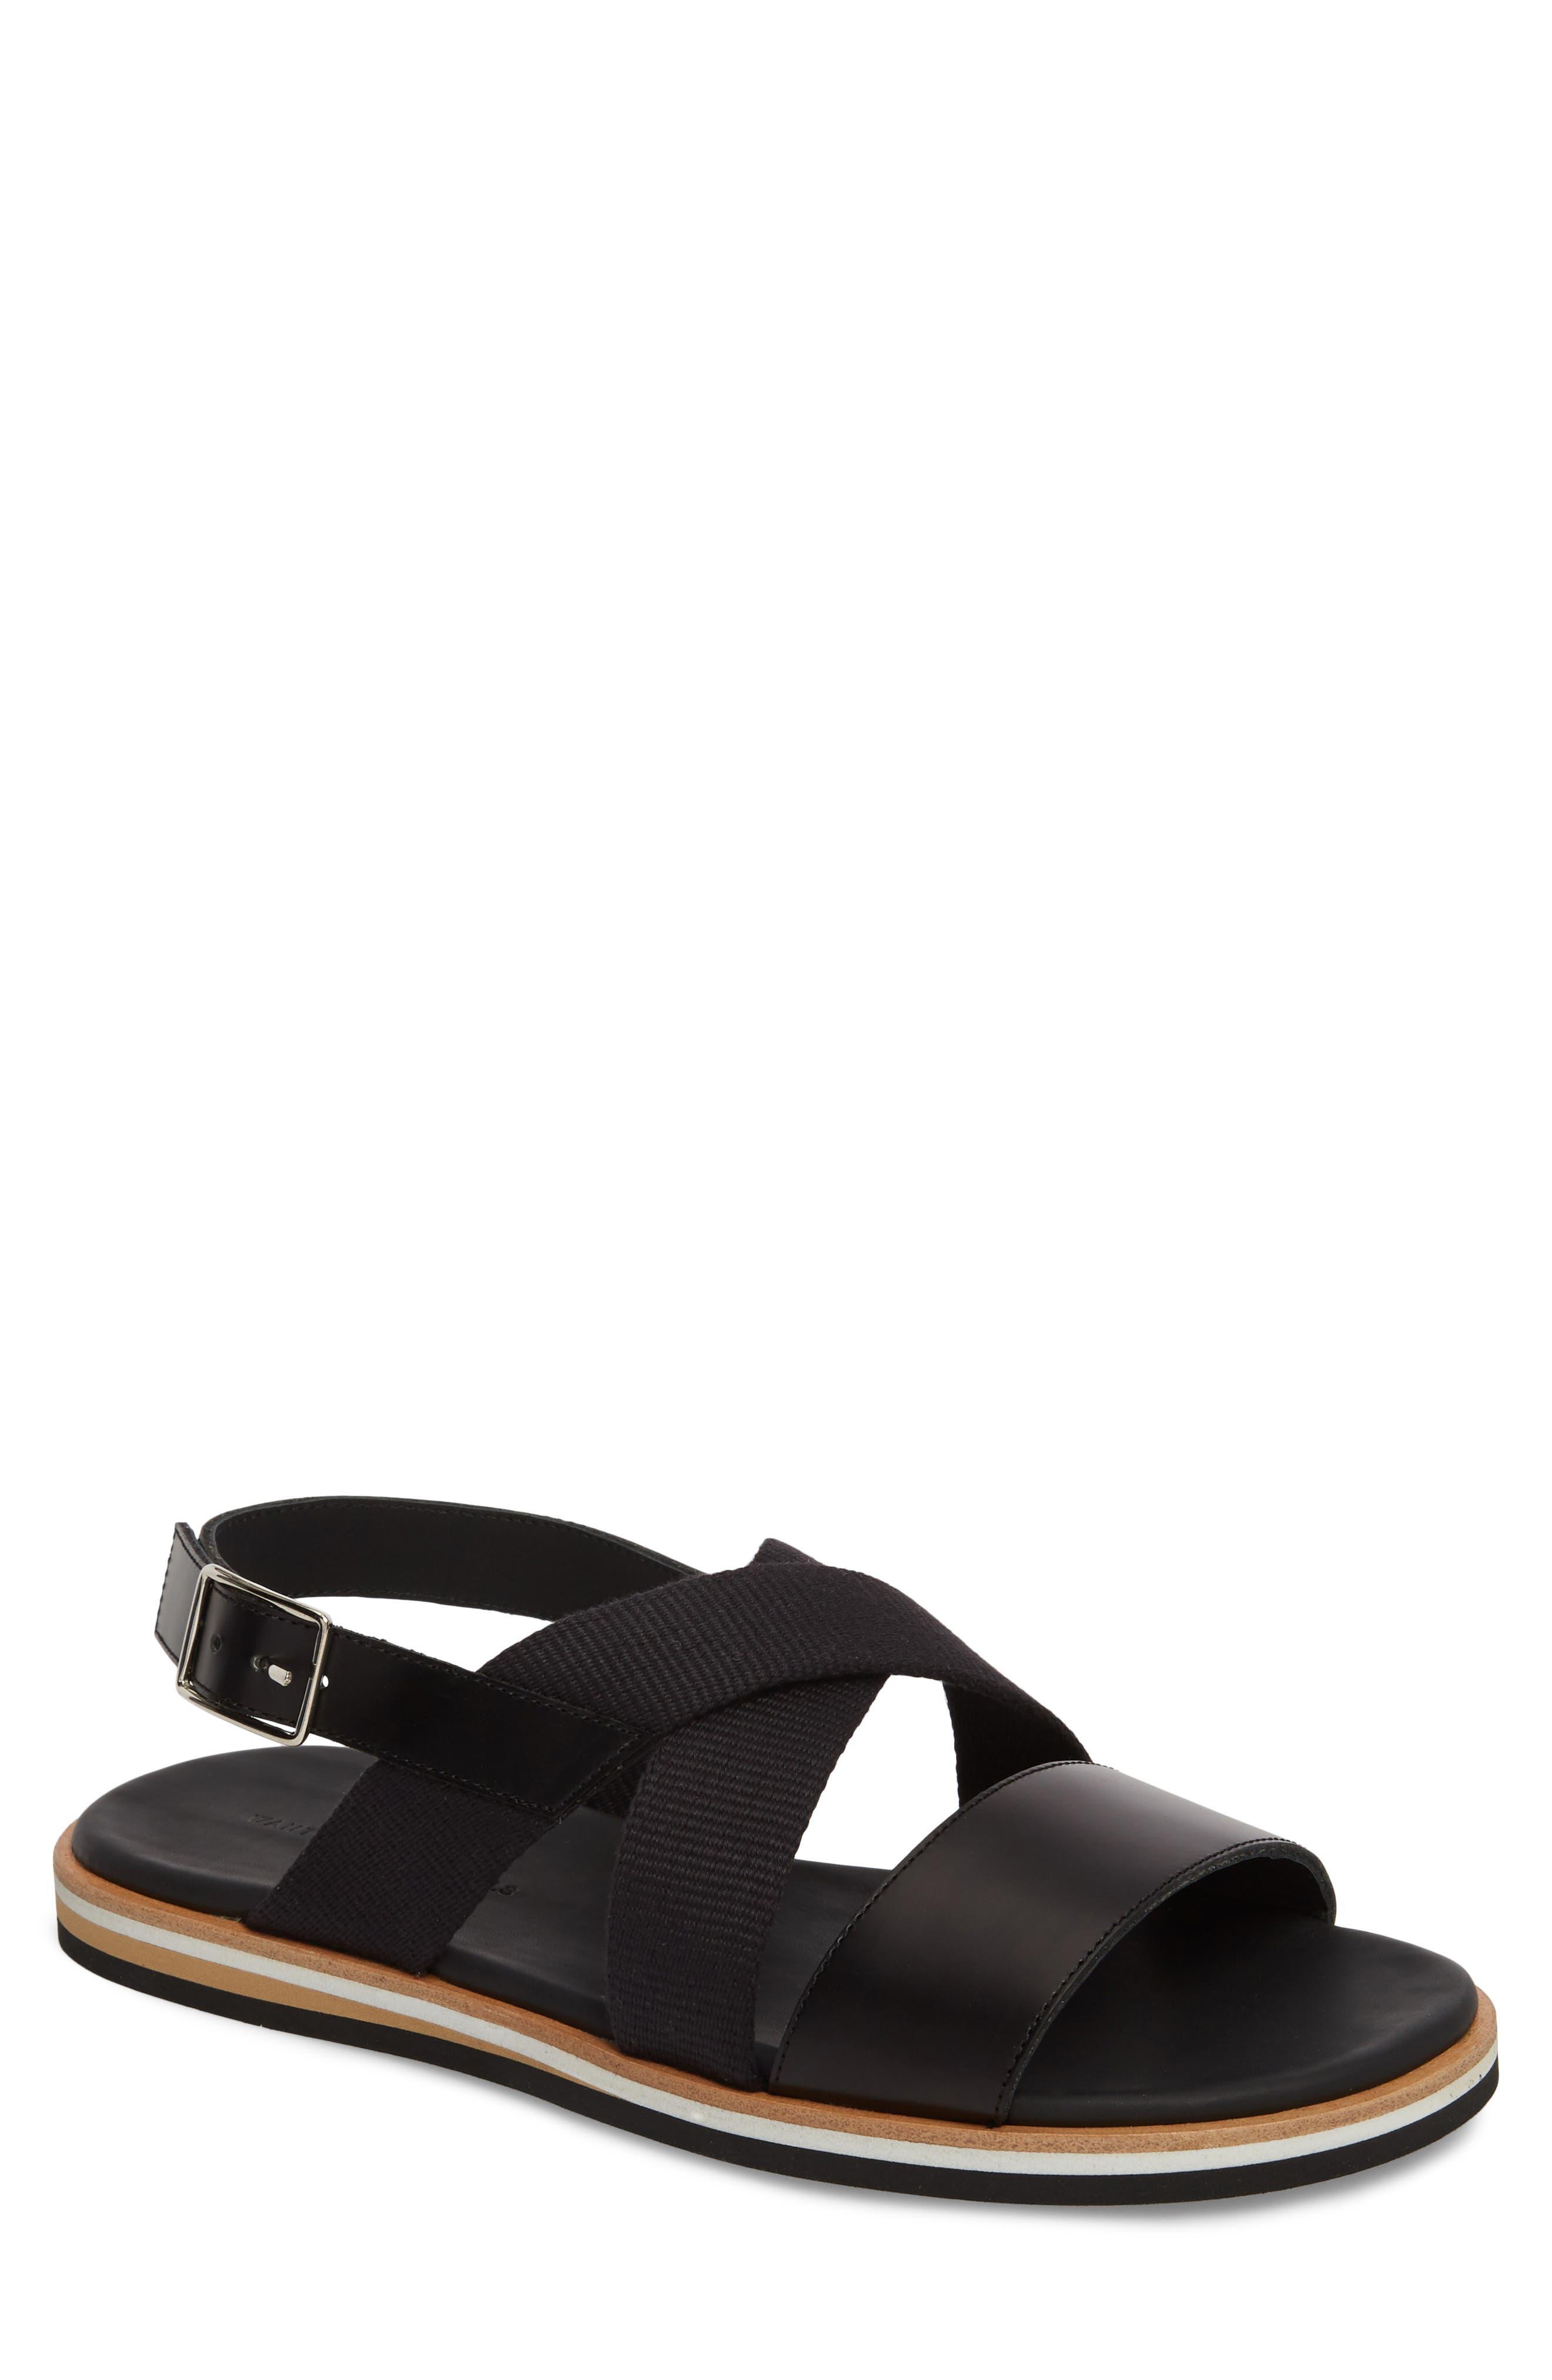 Jobim Sandal,                             Main thumbnail 1, color,                             Black Cord/ Black